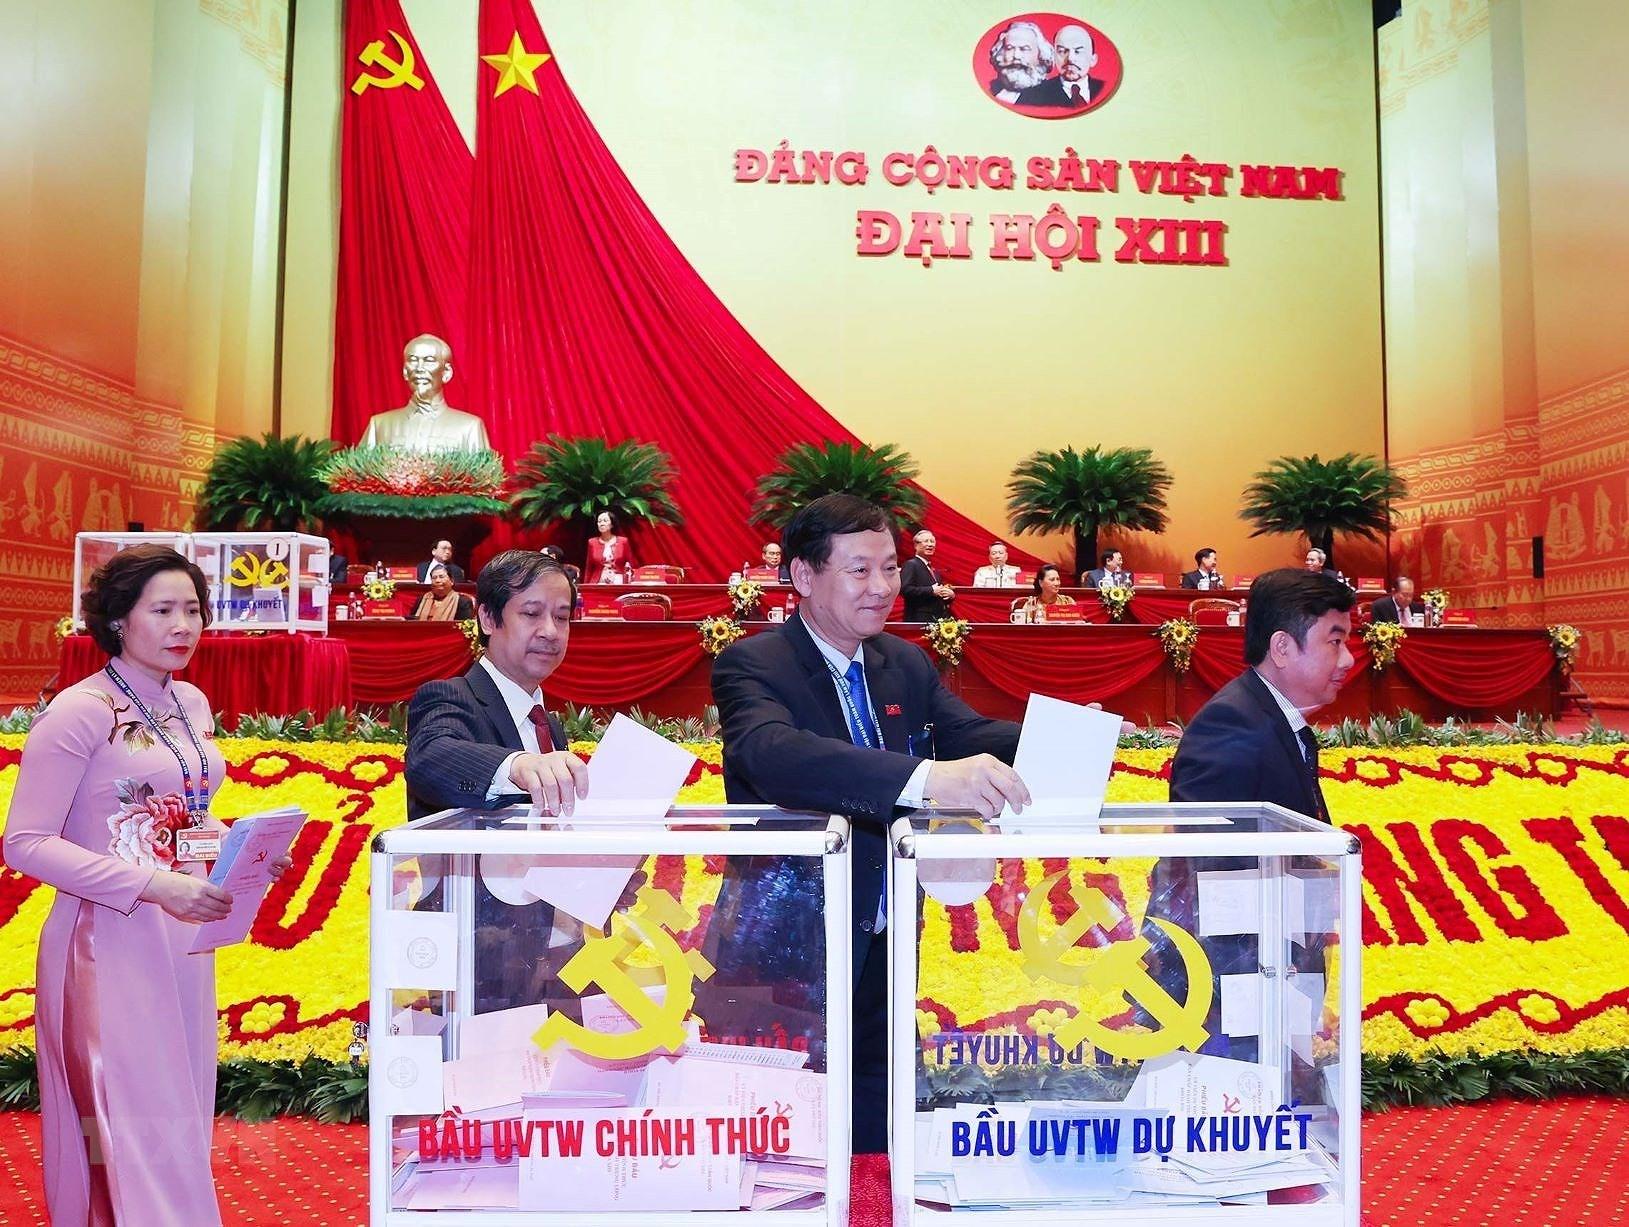 Chùm ảnh: Bỏ phiếu bầu Ban Chấp hành Trung ương khóa XIII ảnh 3